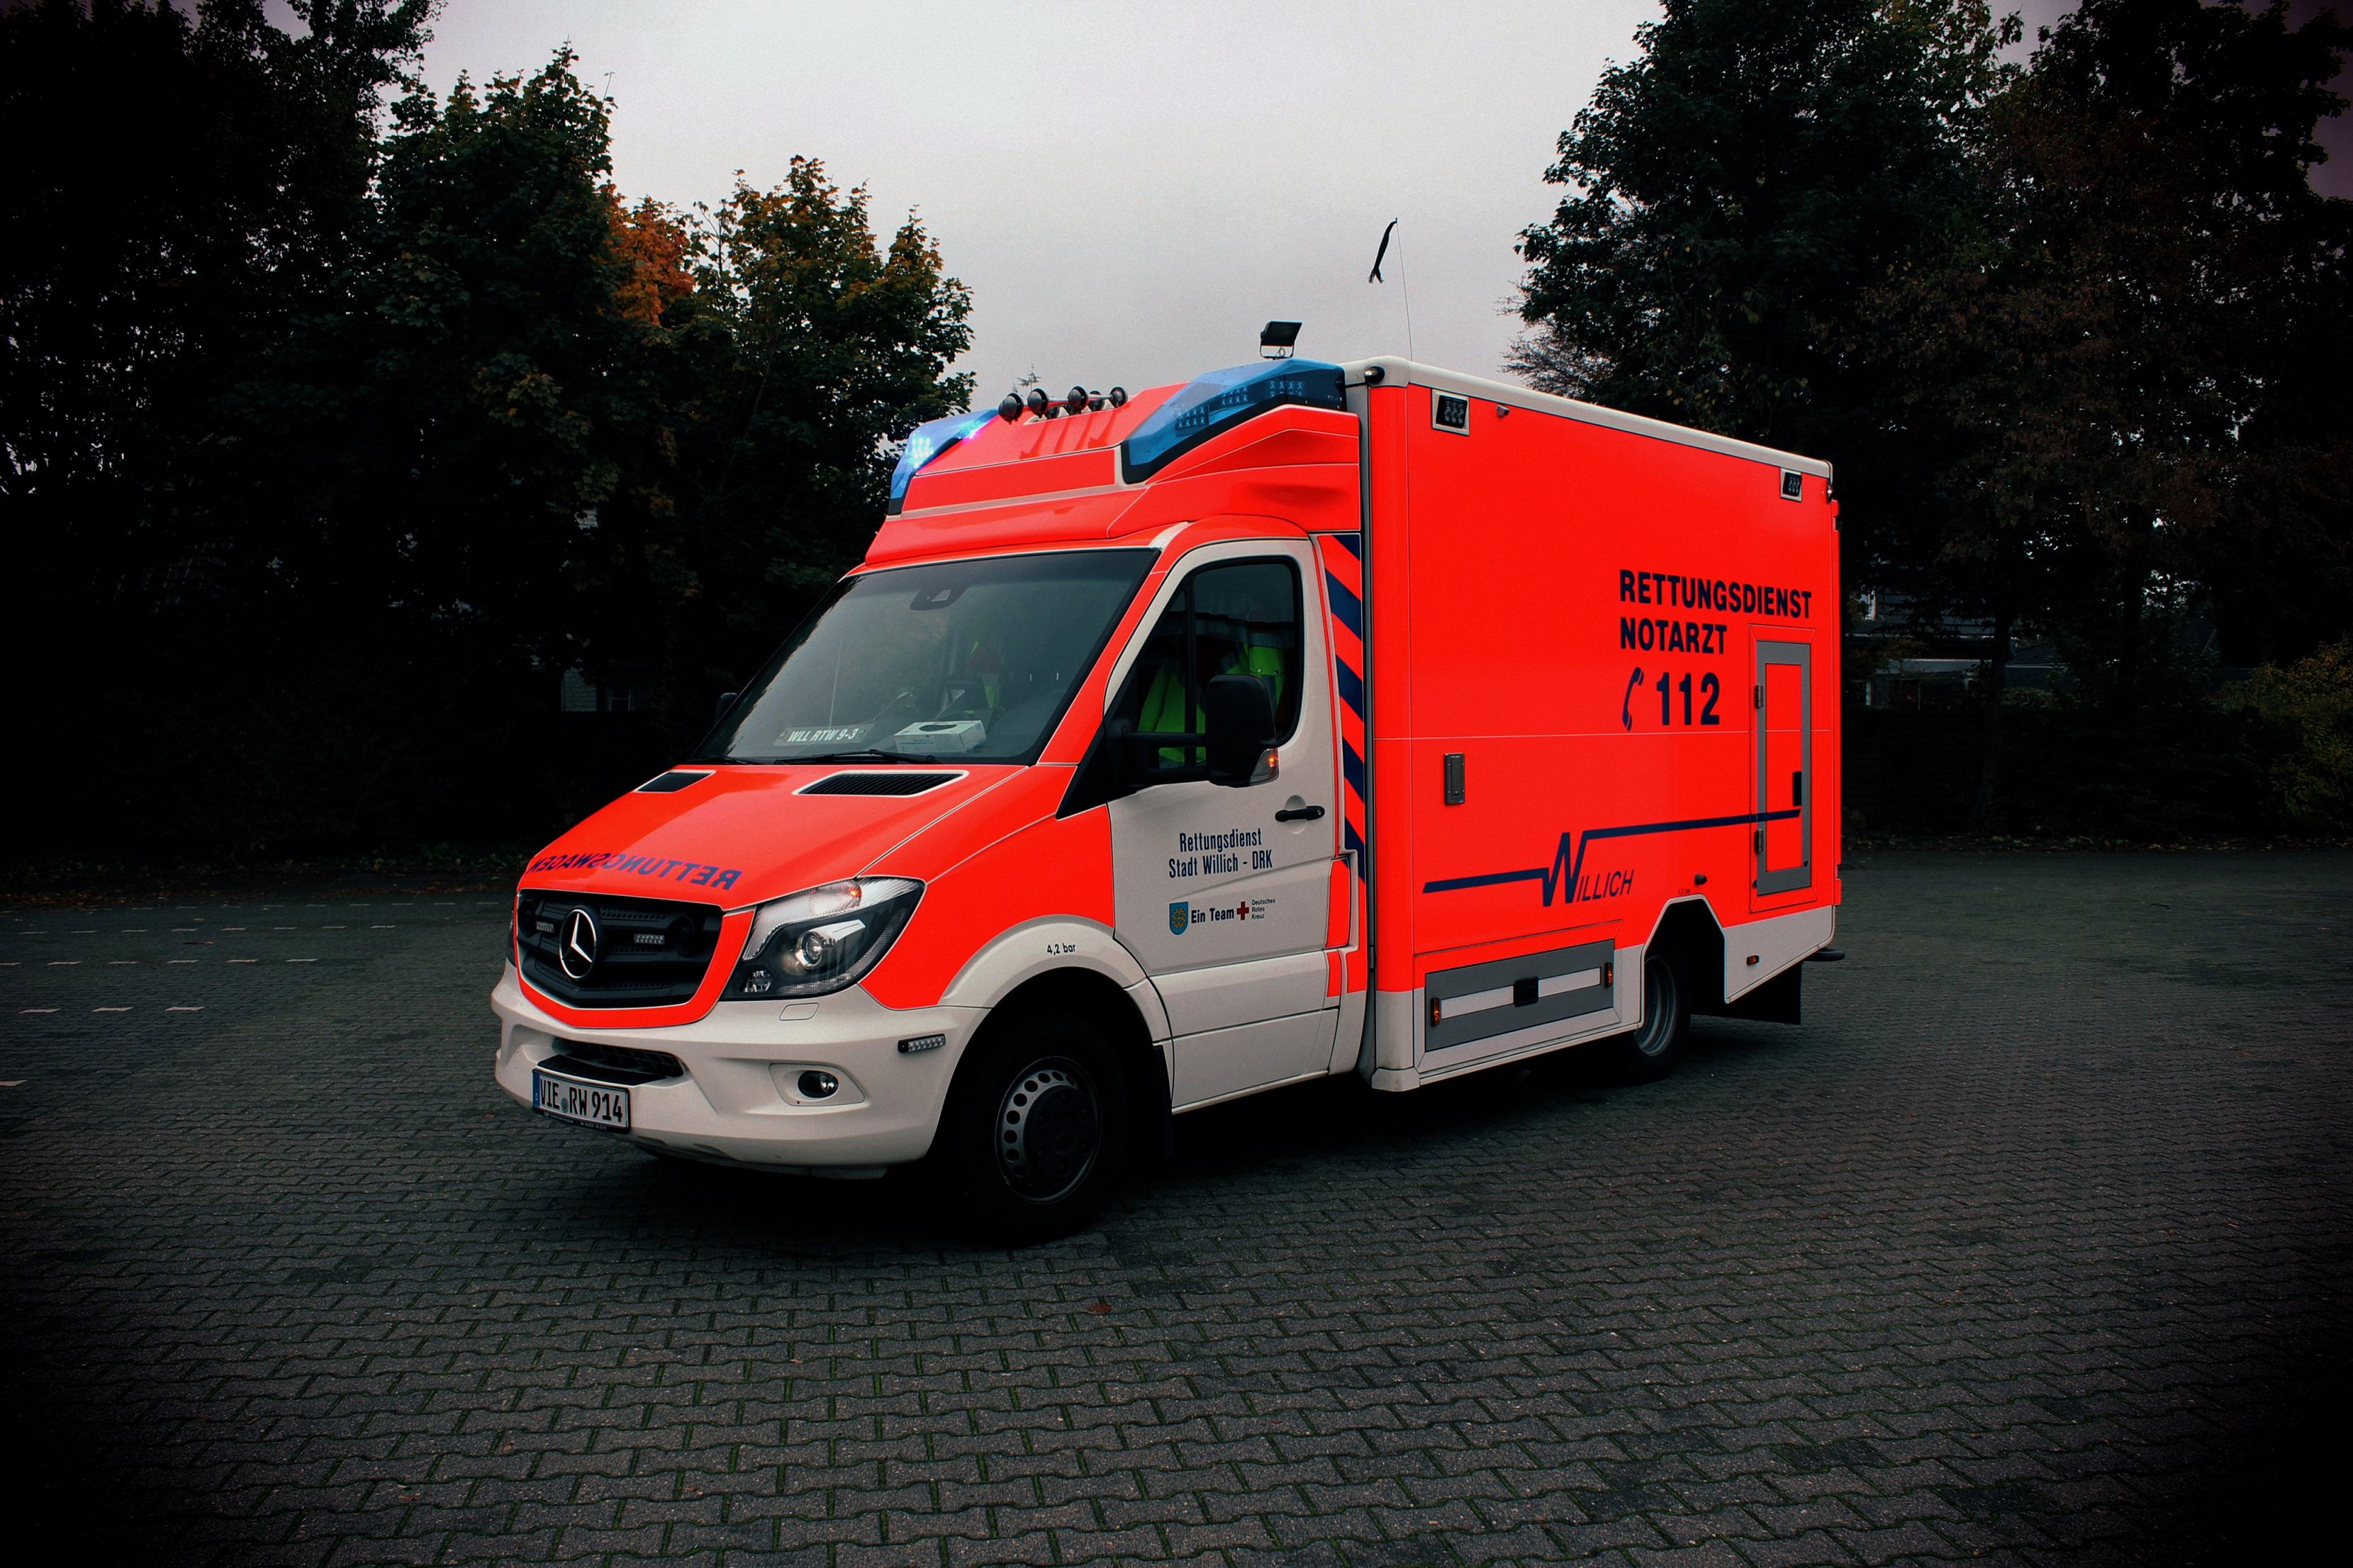 Rettungswagen RTW-3